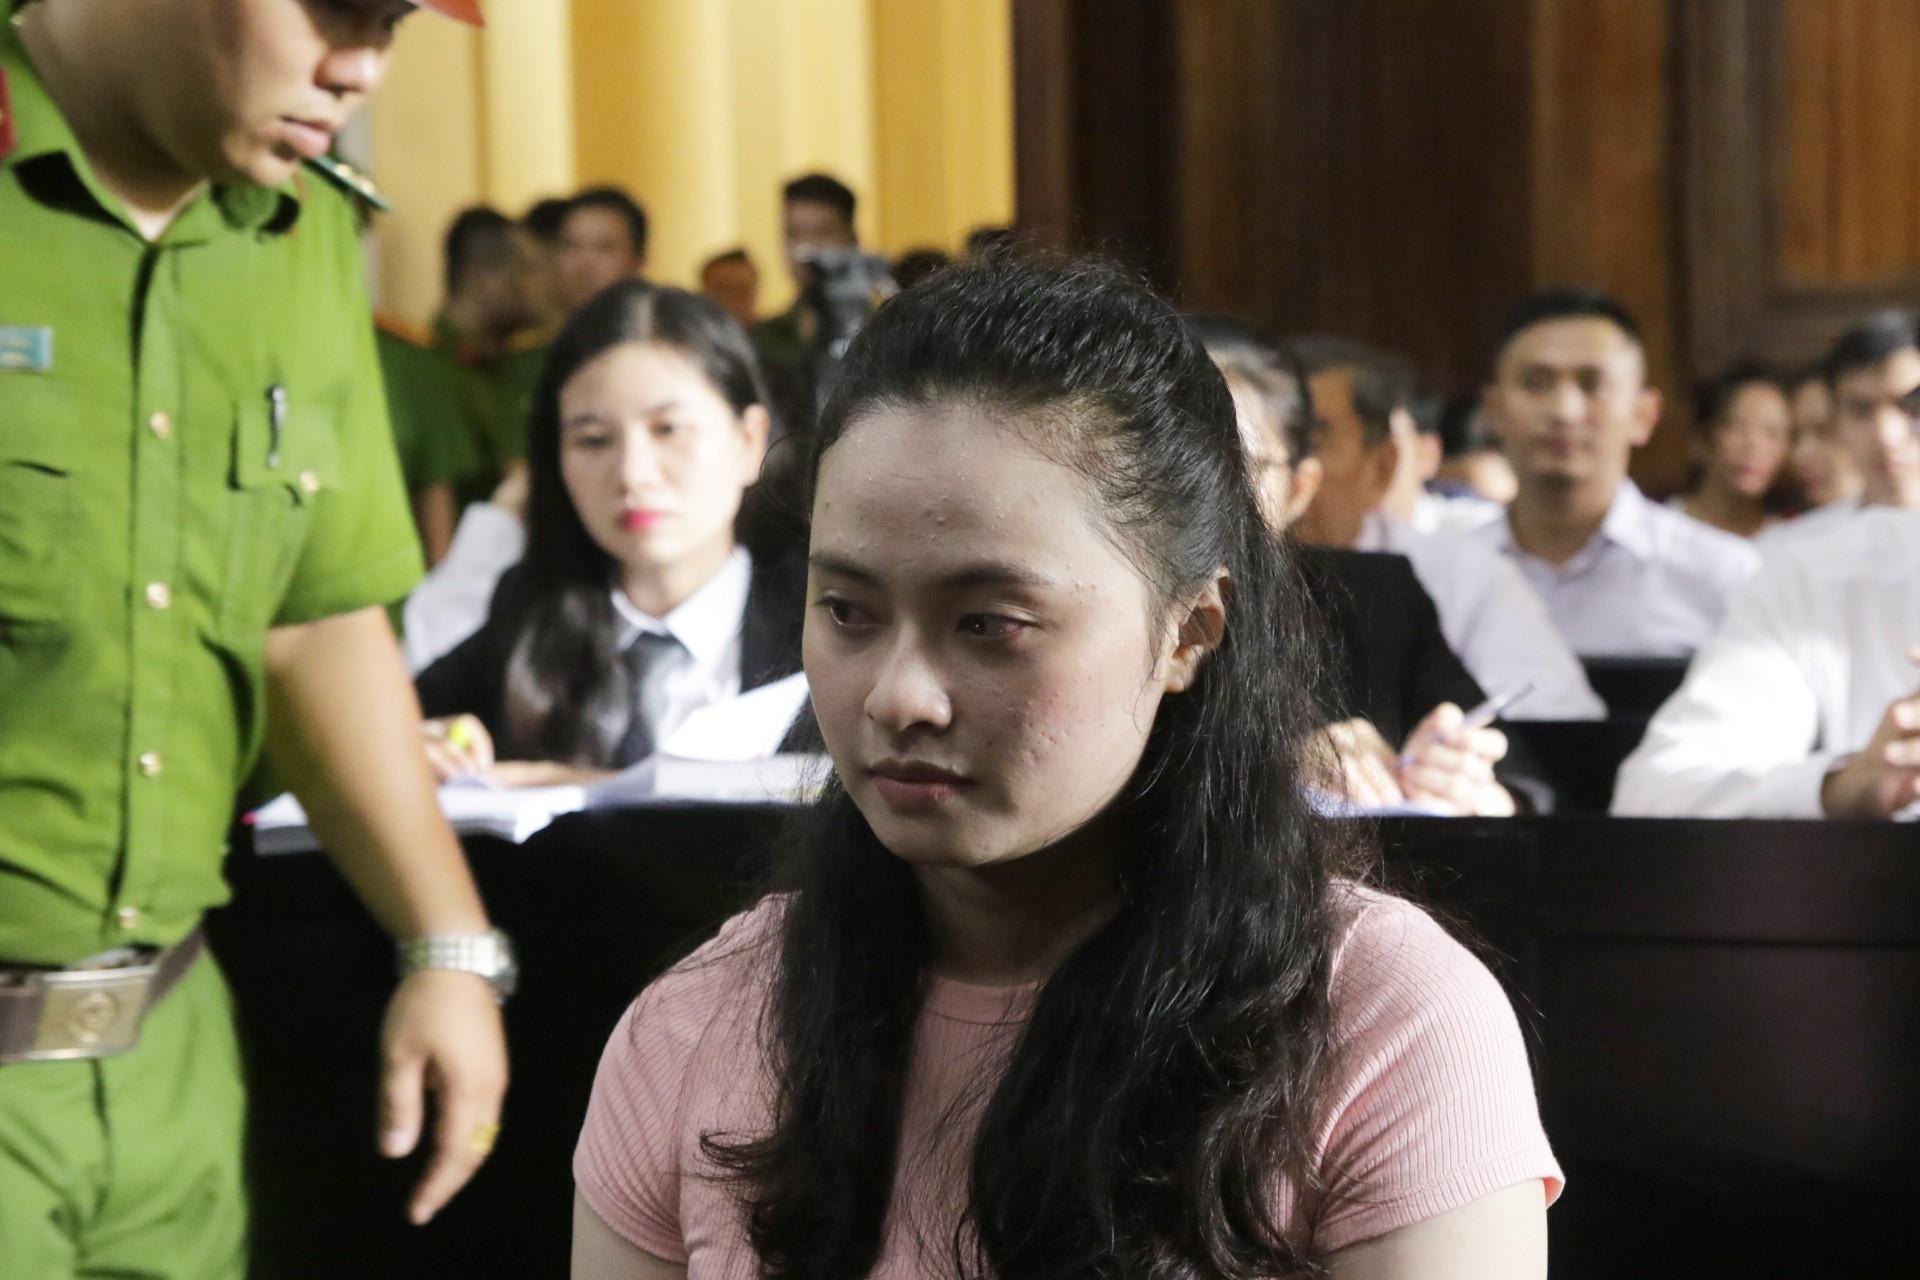 Nhan sắc một thời của hot girl Ngọc Miu đang hầu tòa cùng trùm ma túy Văn Kính Dương - Ảnh 1.